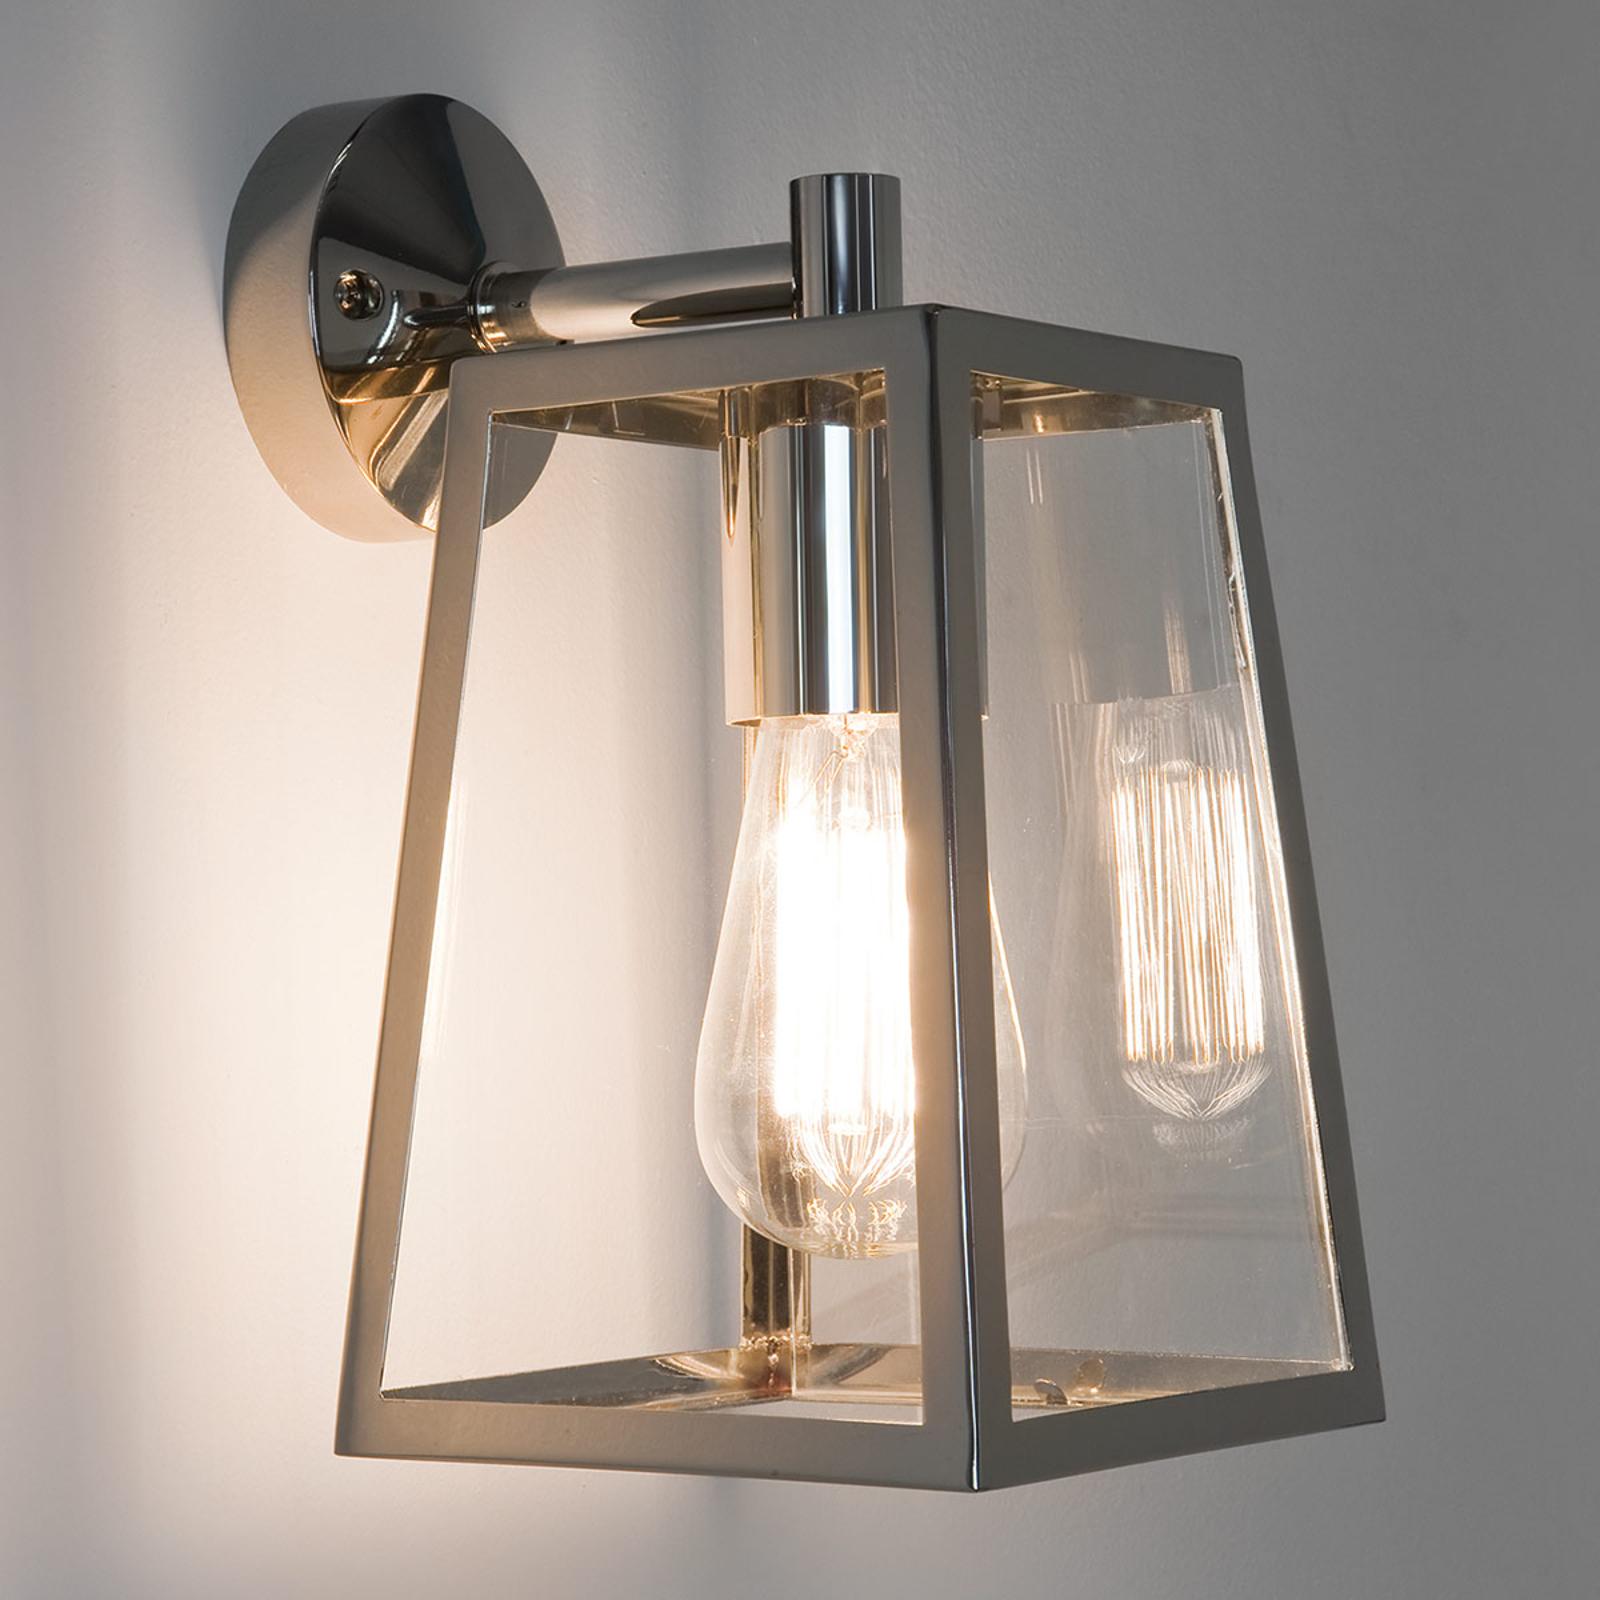 Utendørs vegglampe Calvi med lanterneform, nikkel